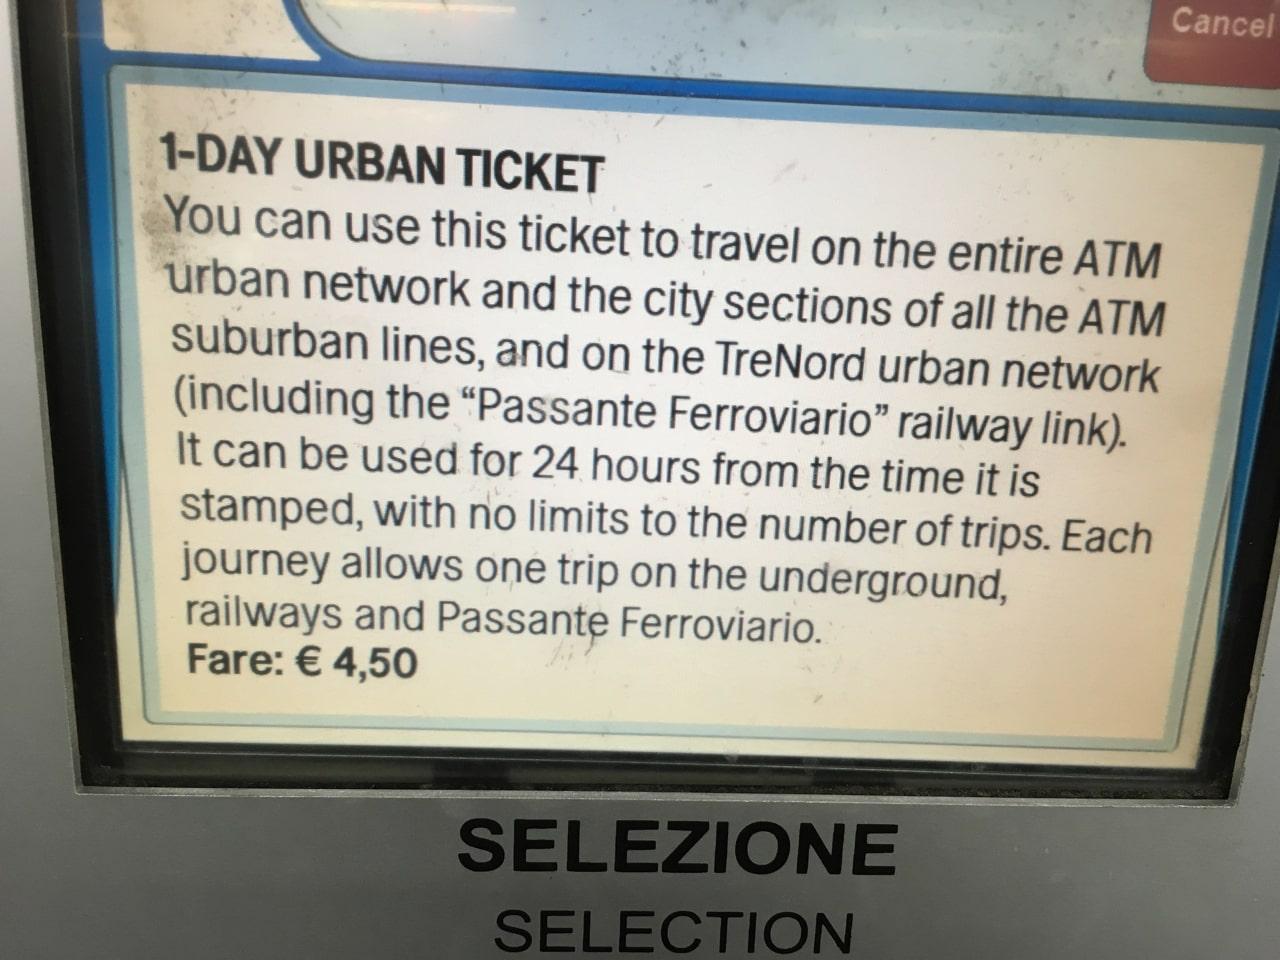 去地铁站买了一张日票,24小时有效,包所有公交